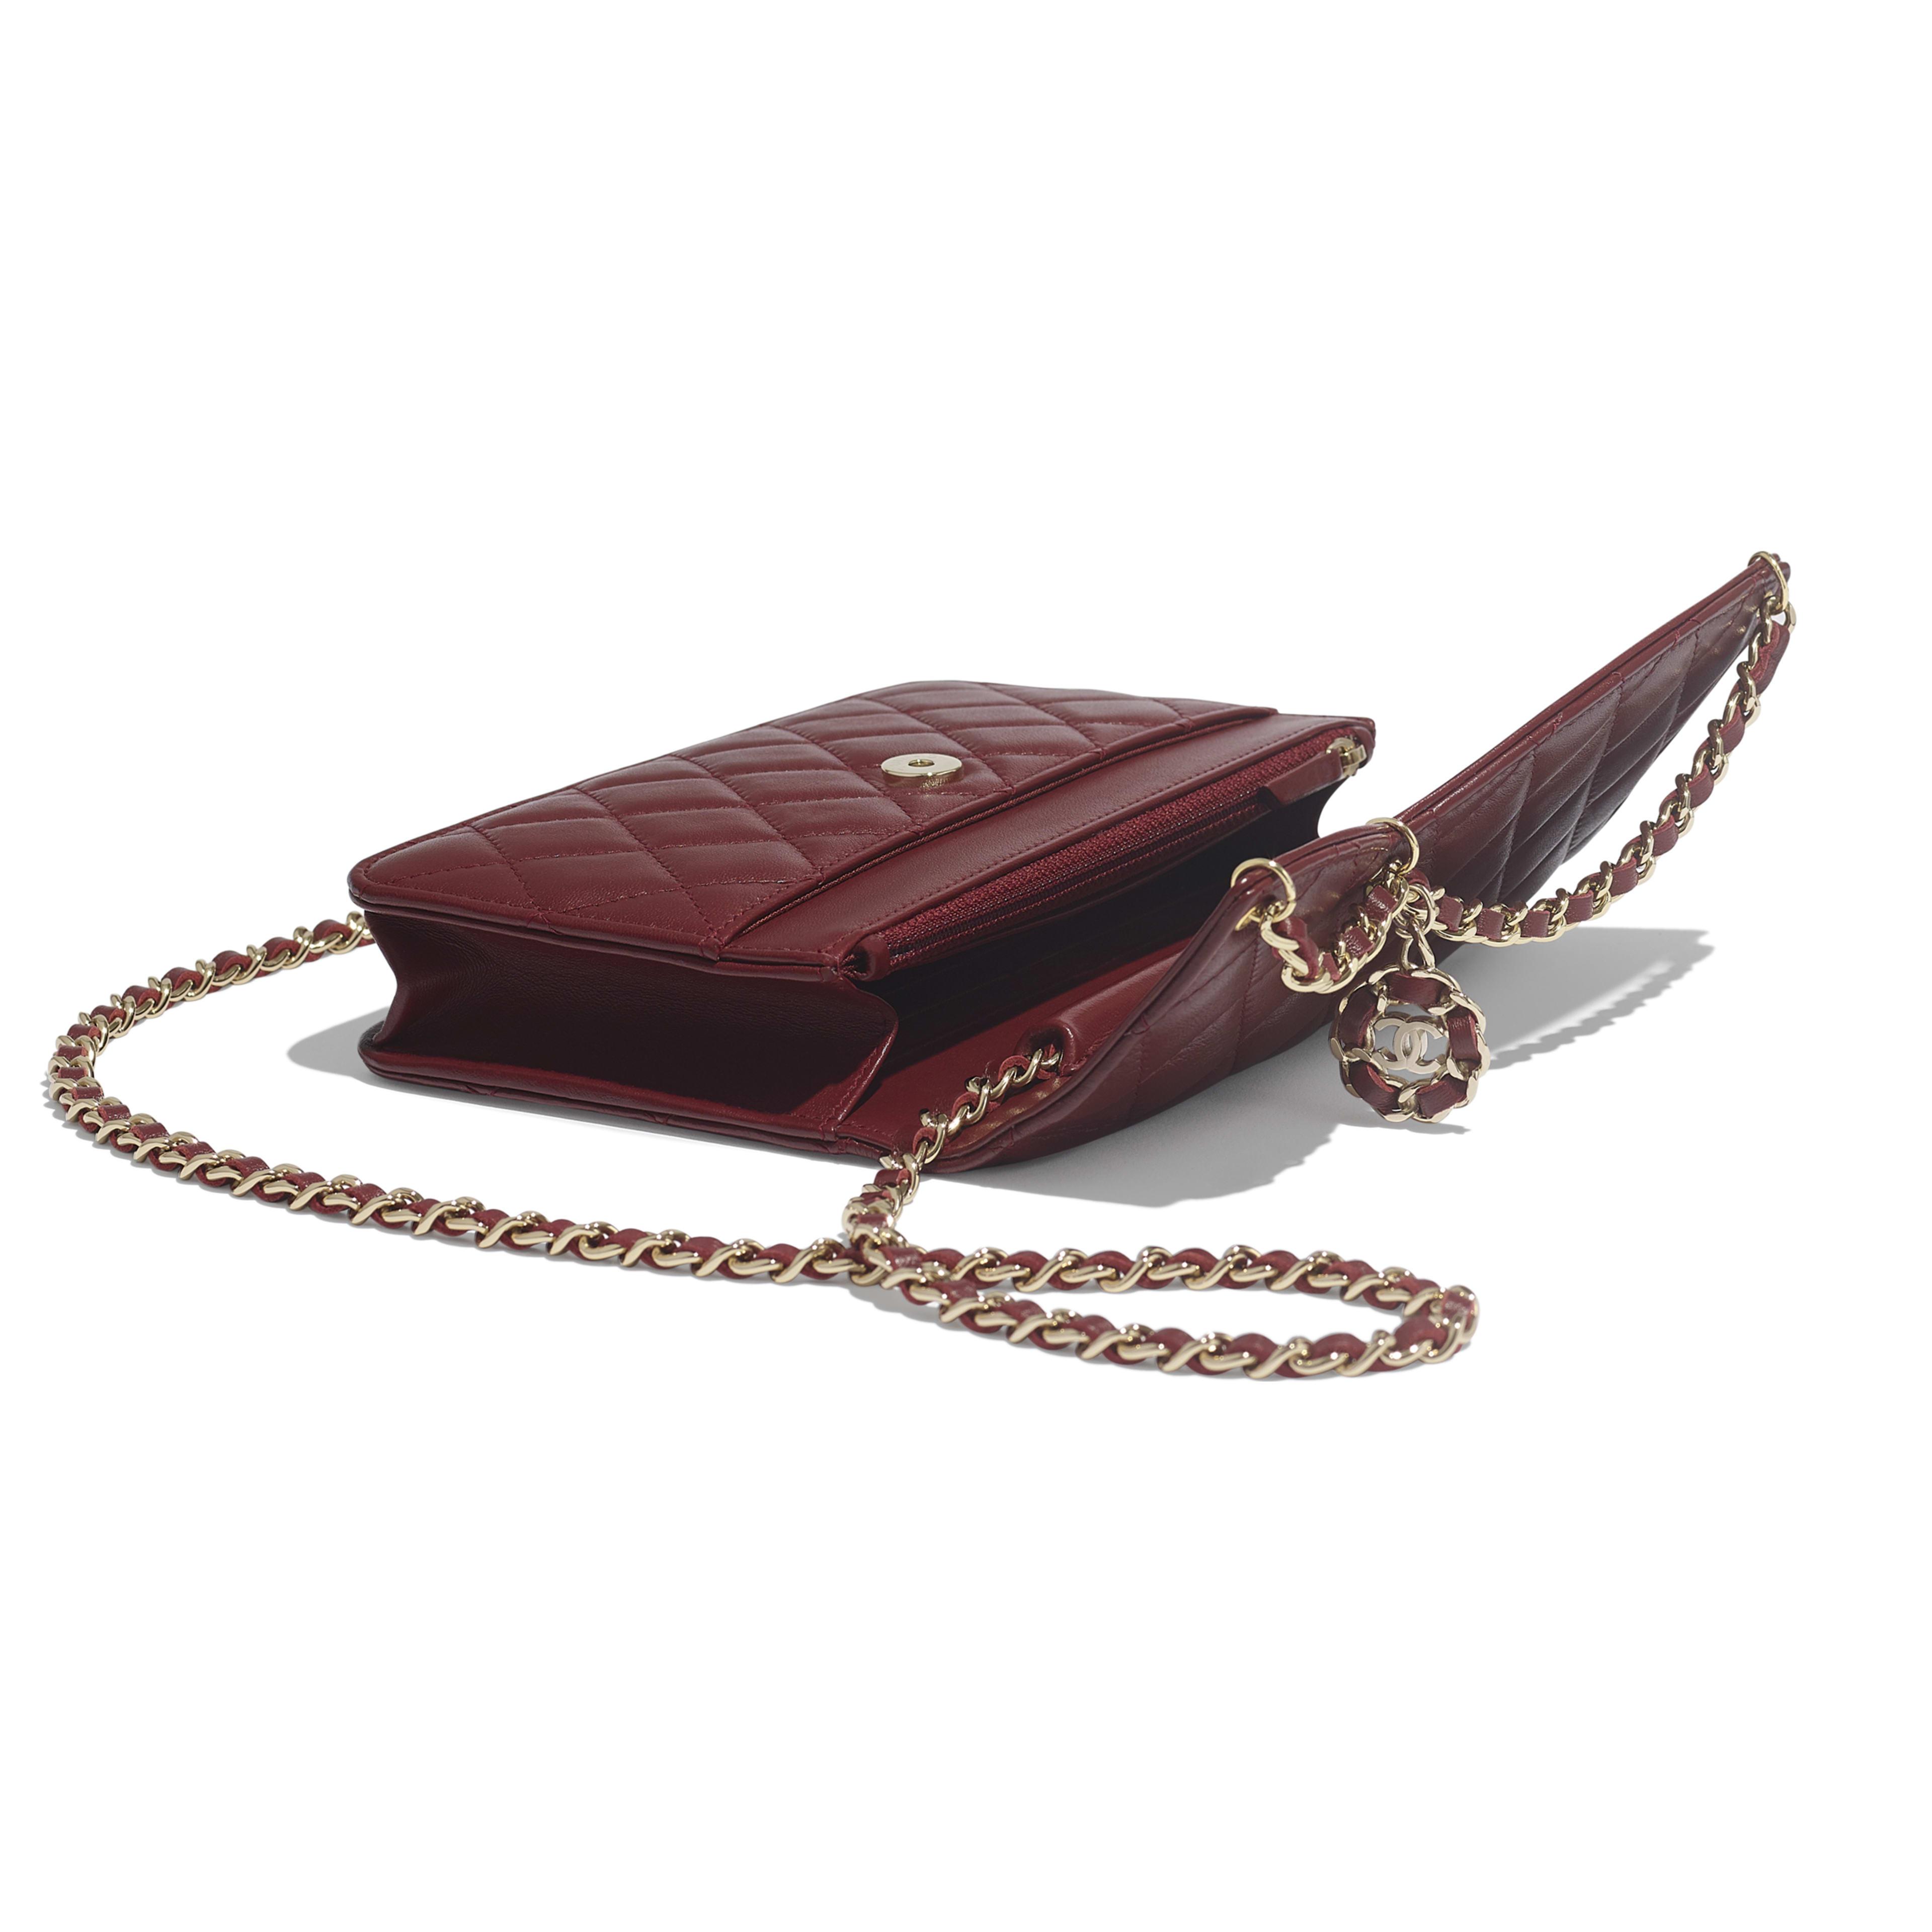 กระเป๋าสตางค์พร้อมสายโซ่ - สีแดงเบอร์กันดี - หนังแกะ และโลหะสีทอง - มุมมองพิเศษ - ดูเวอร์ชันขนาดเต็ม